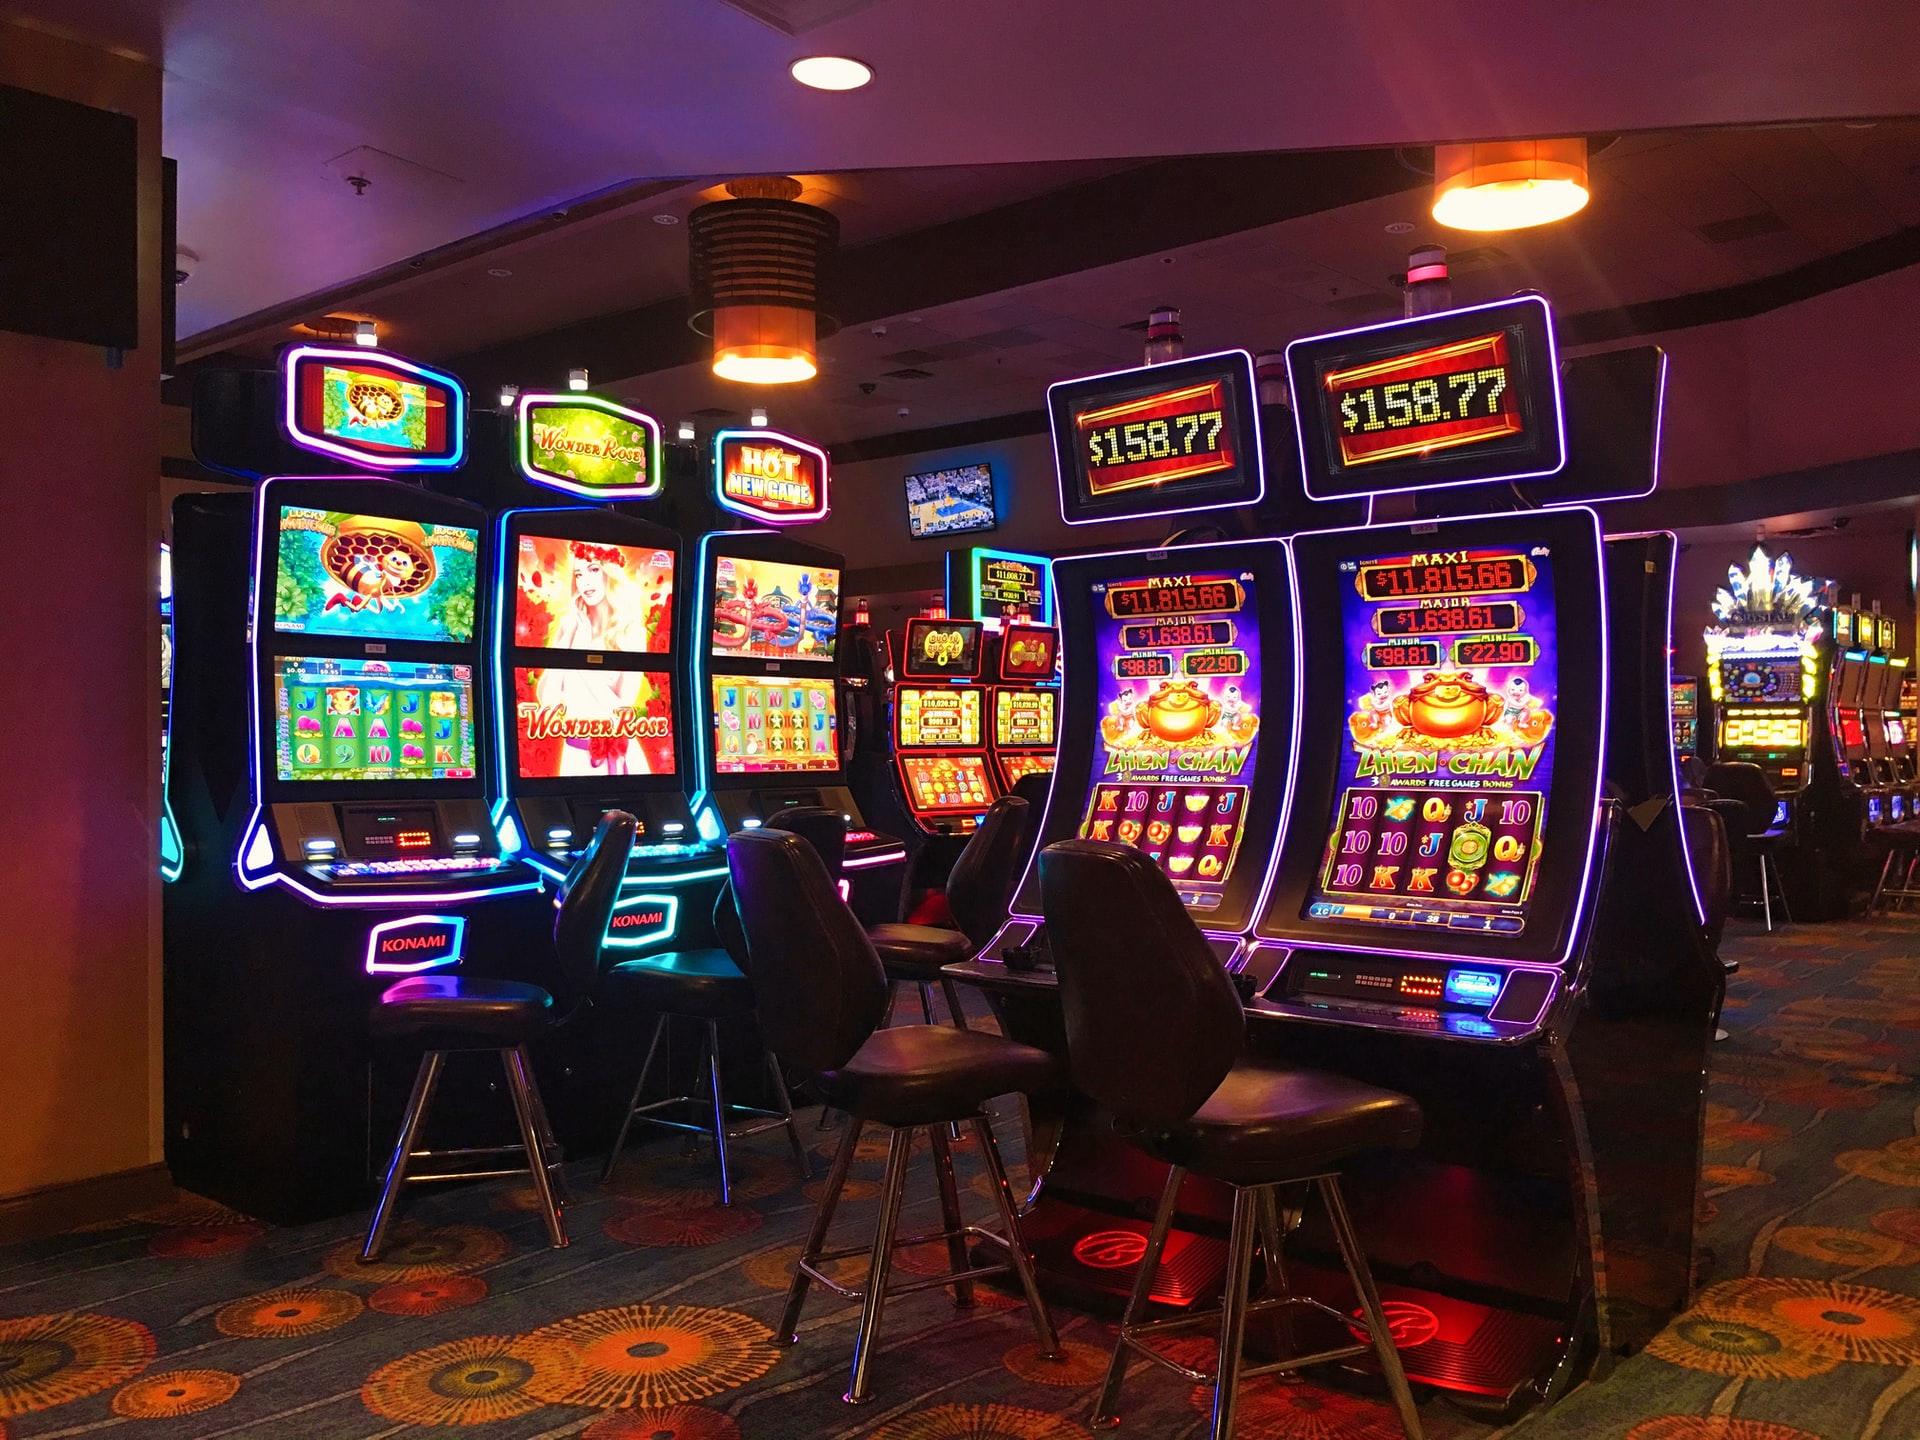 De techniek achter een gokkast